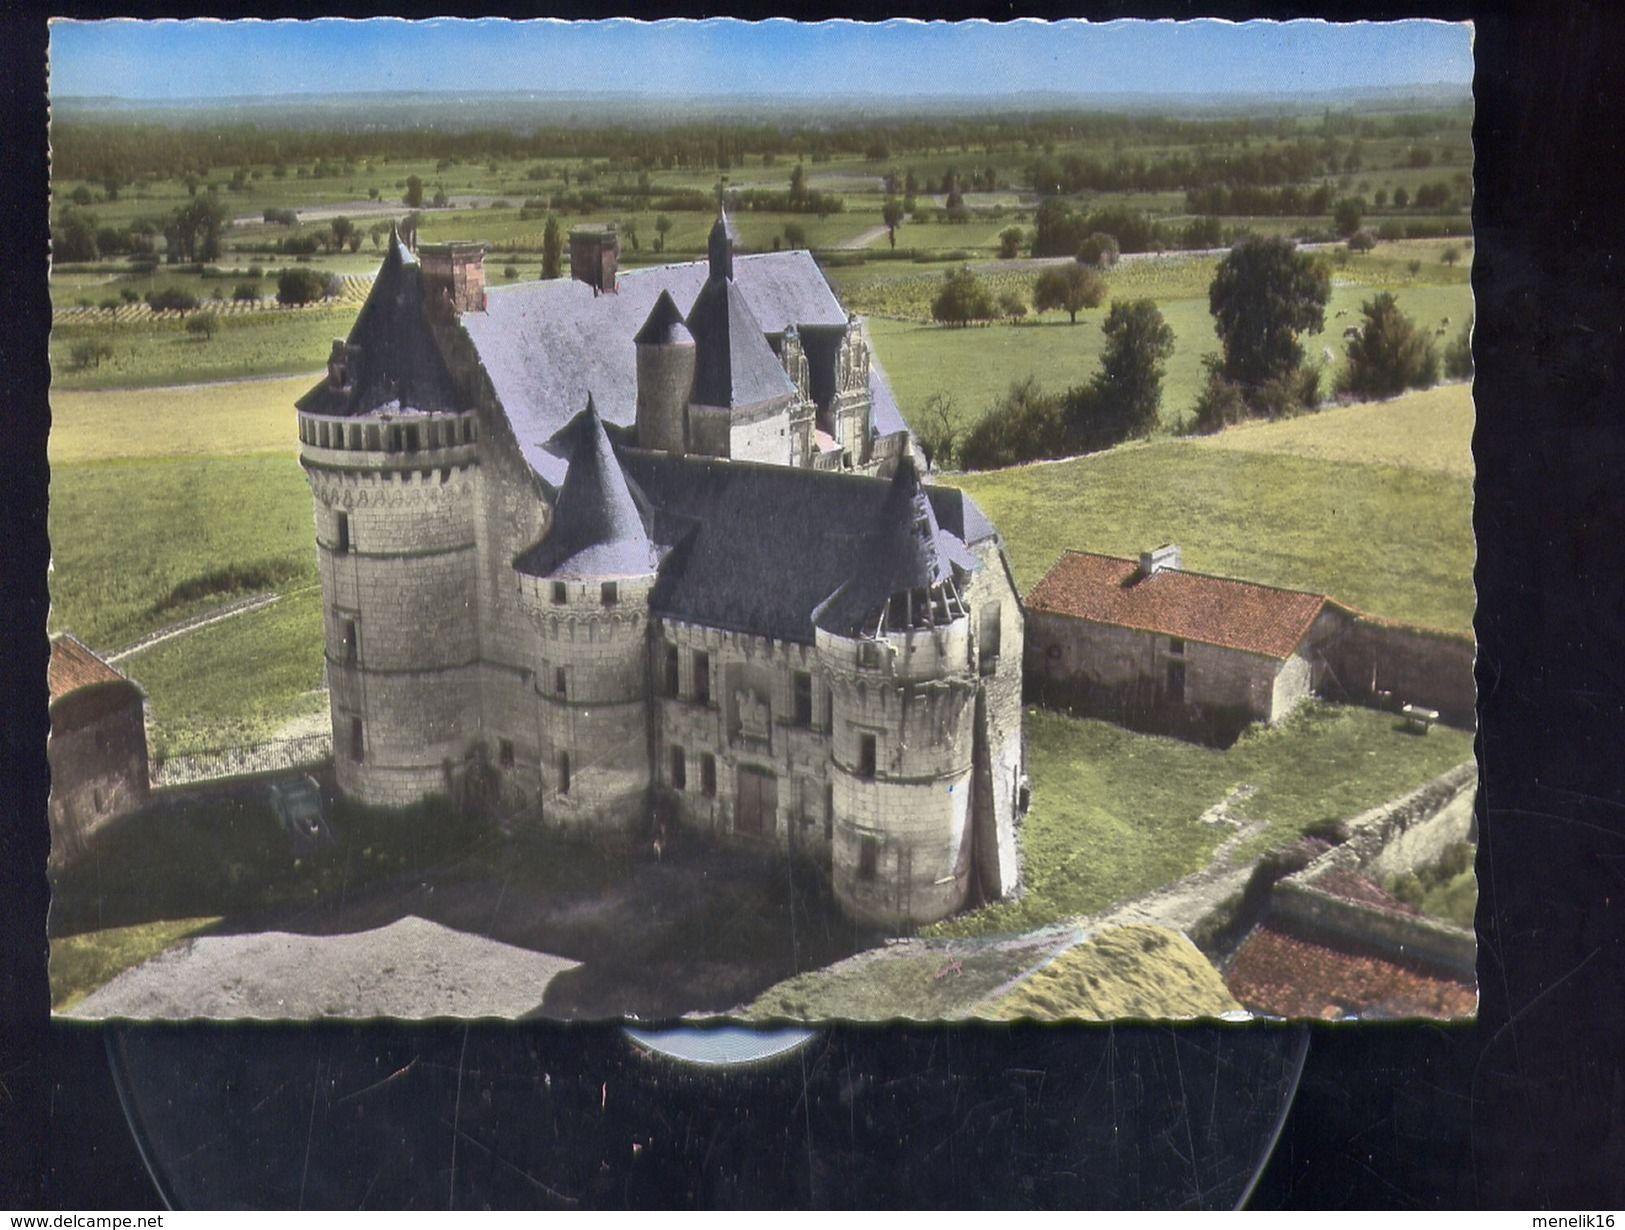 Vouneuil sur Vienne - CP - 86 - En avion au dessus de ... Monts-sur-Guesnes - Château de la Roche du Maine